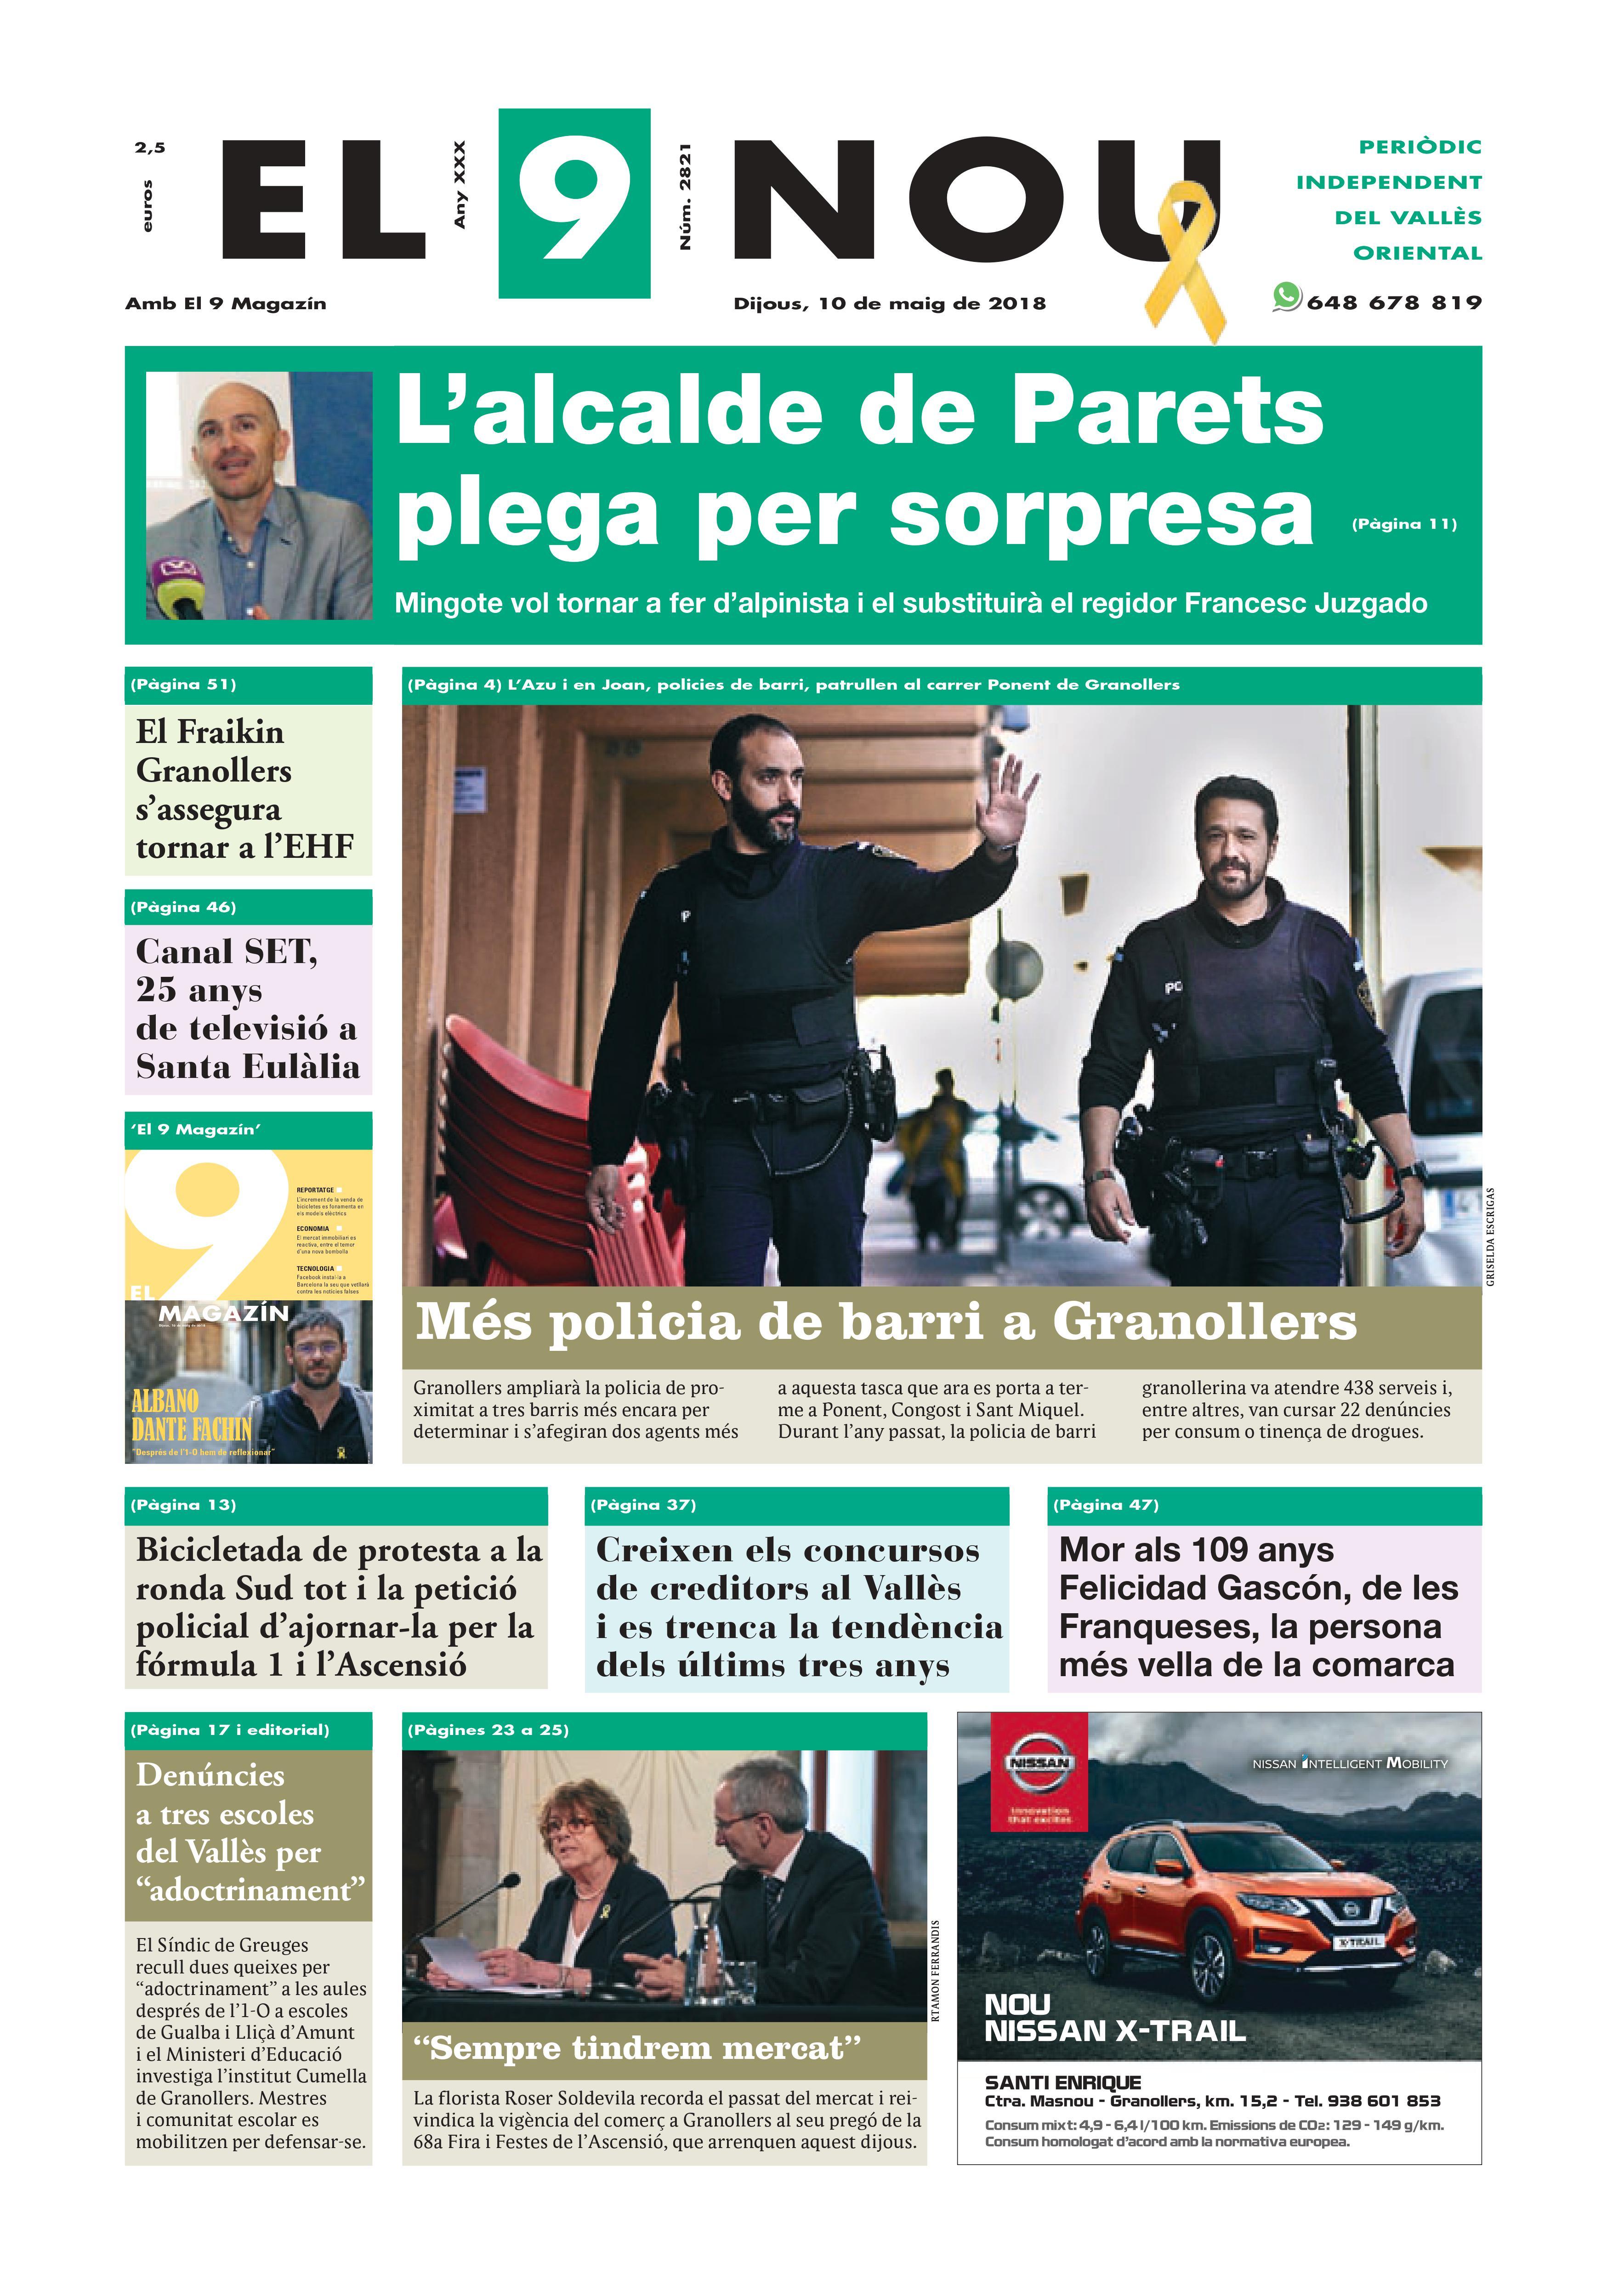 Primera plana EL 9 NOU 10_05_18 Vallès